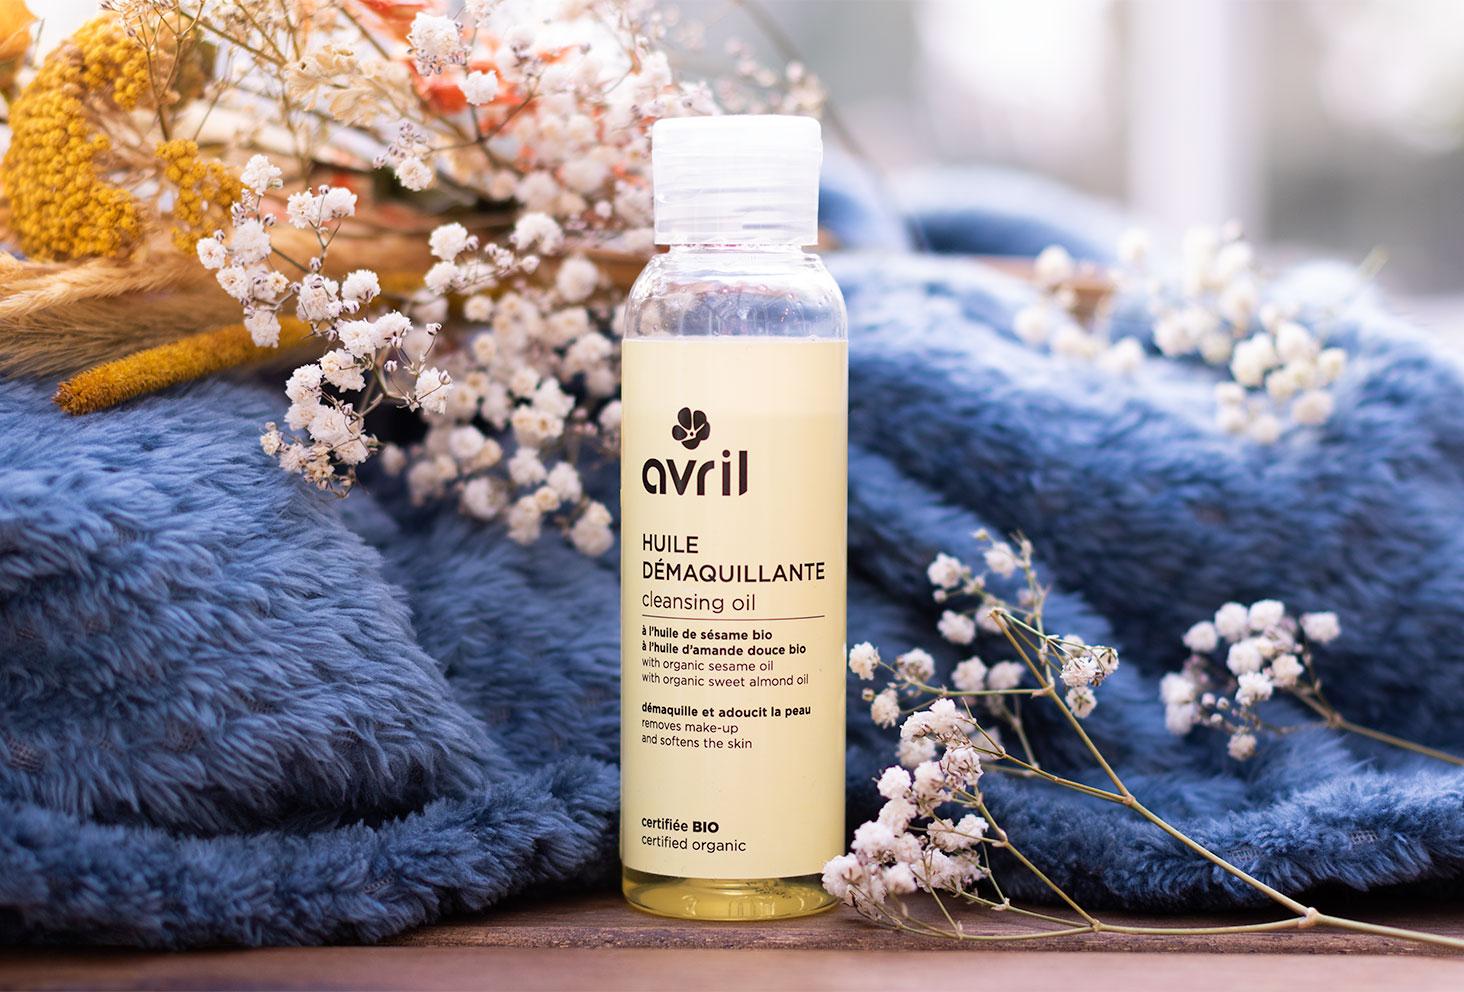 L'huile démaquillante Avril sur une table en bois, entourée de fleurs sèches et d'un énorme plaid bleu